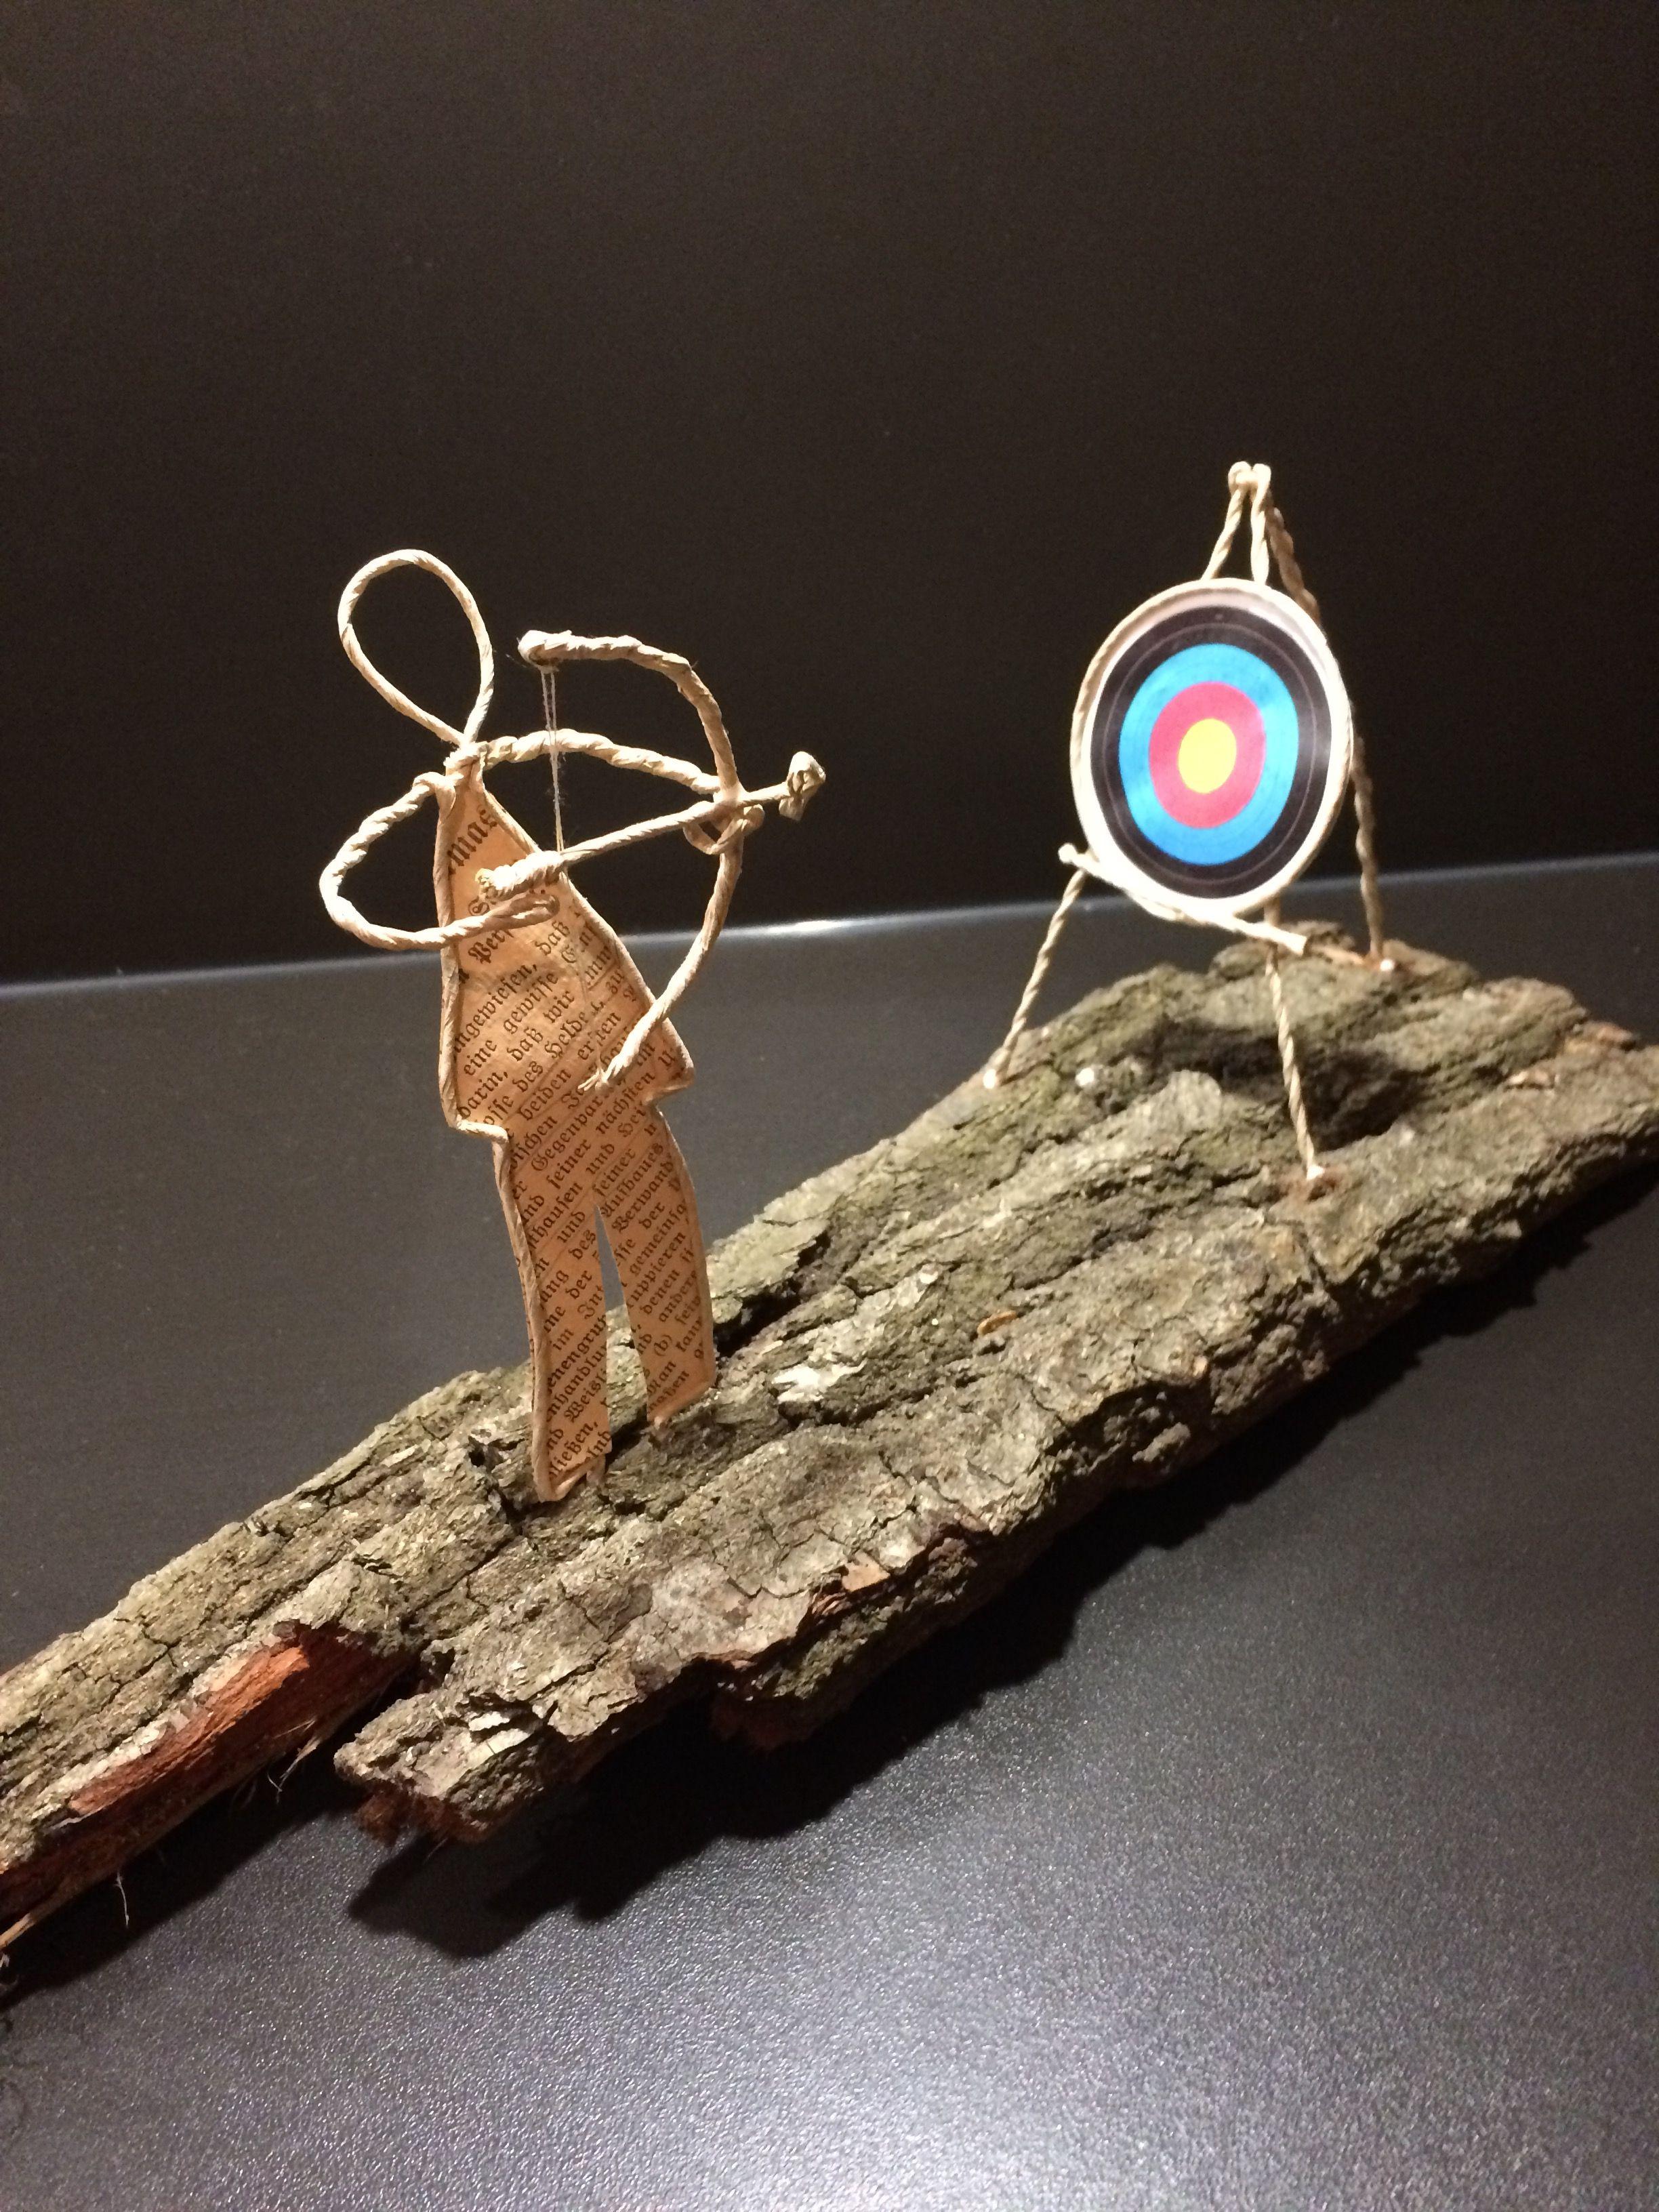 Pin von Alex auf Papierdrahtfiguren | Pinterest | Drahtfiguren ...